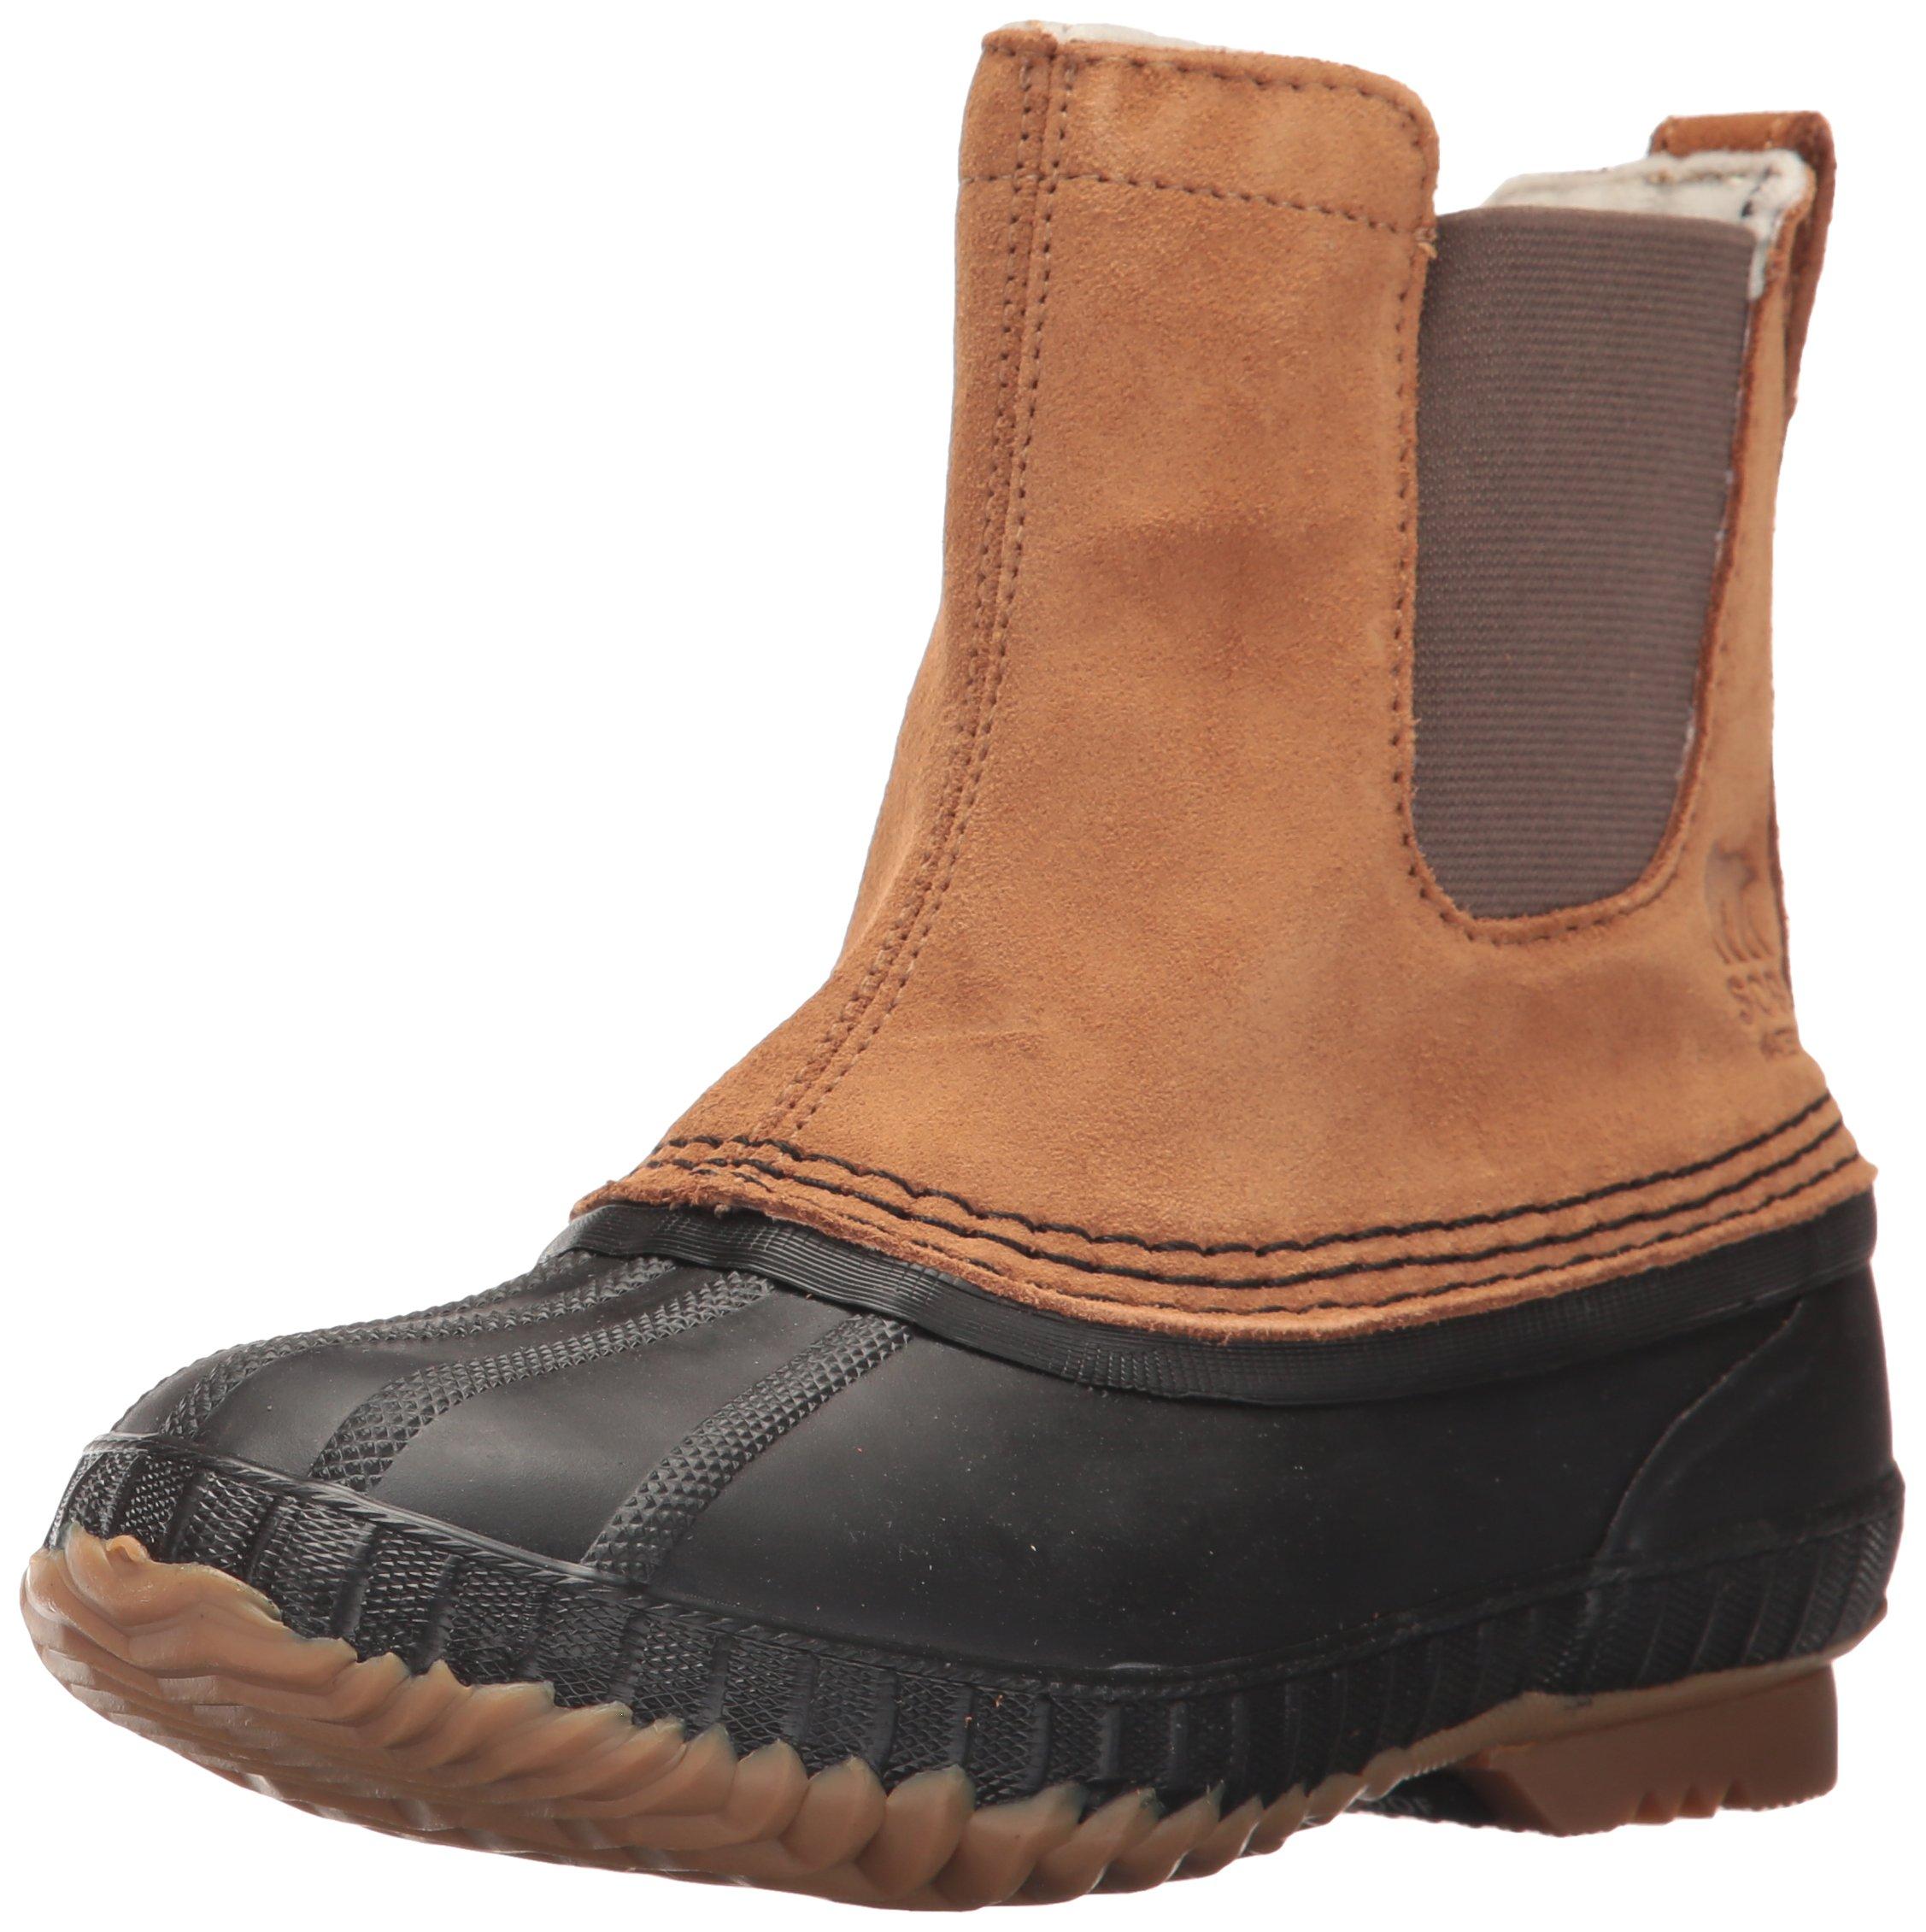 SOREL Boys' Youth Cheyanne II Chelsea Snow Boot, elk, Black, 4 M US Big Kid by SOREL (Image #1)